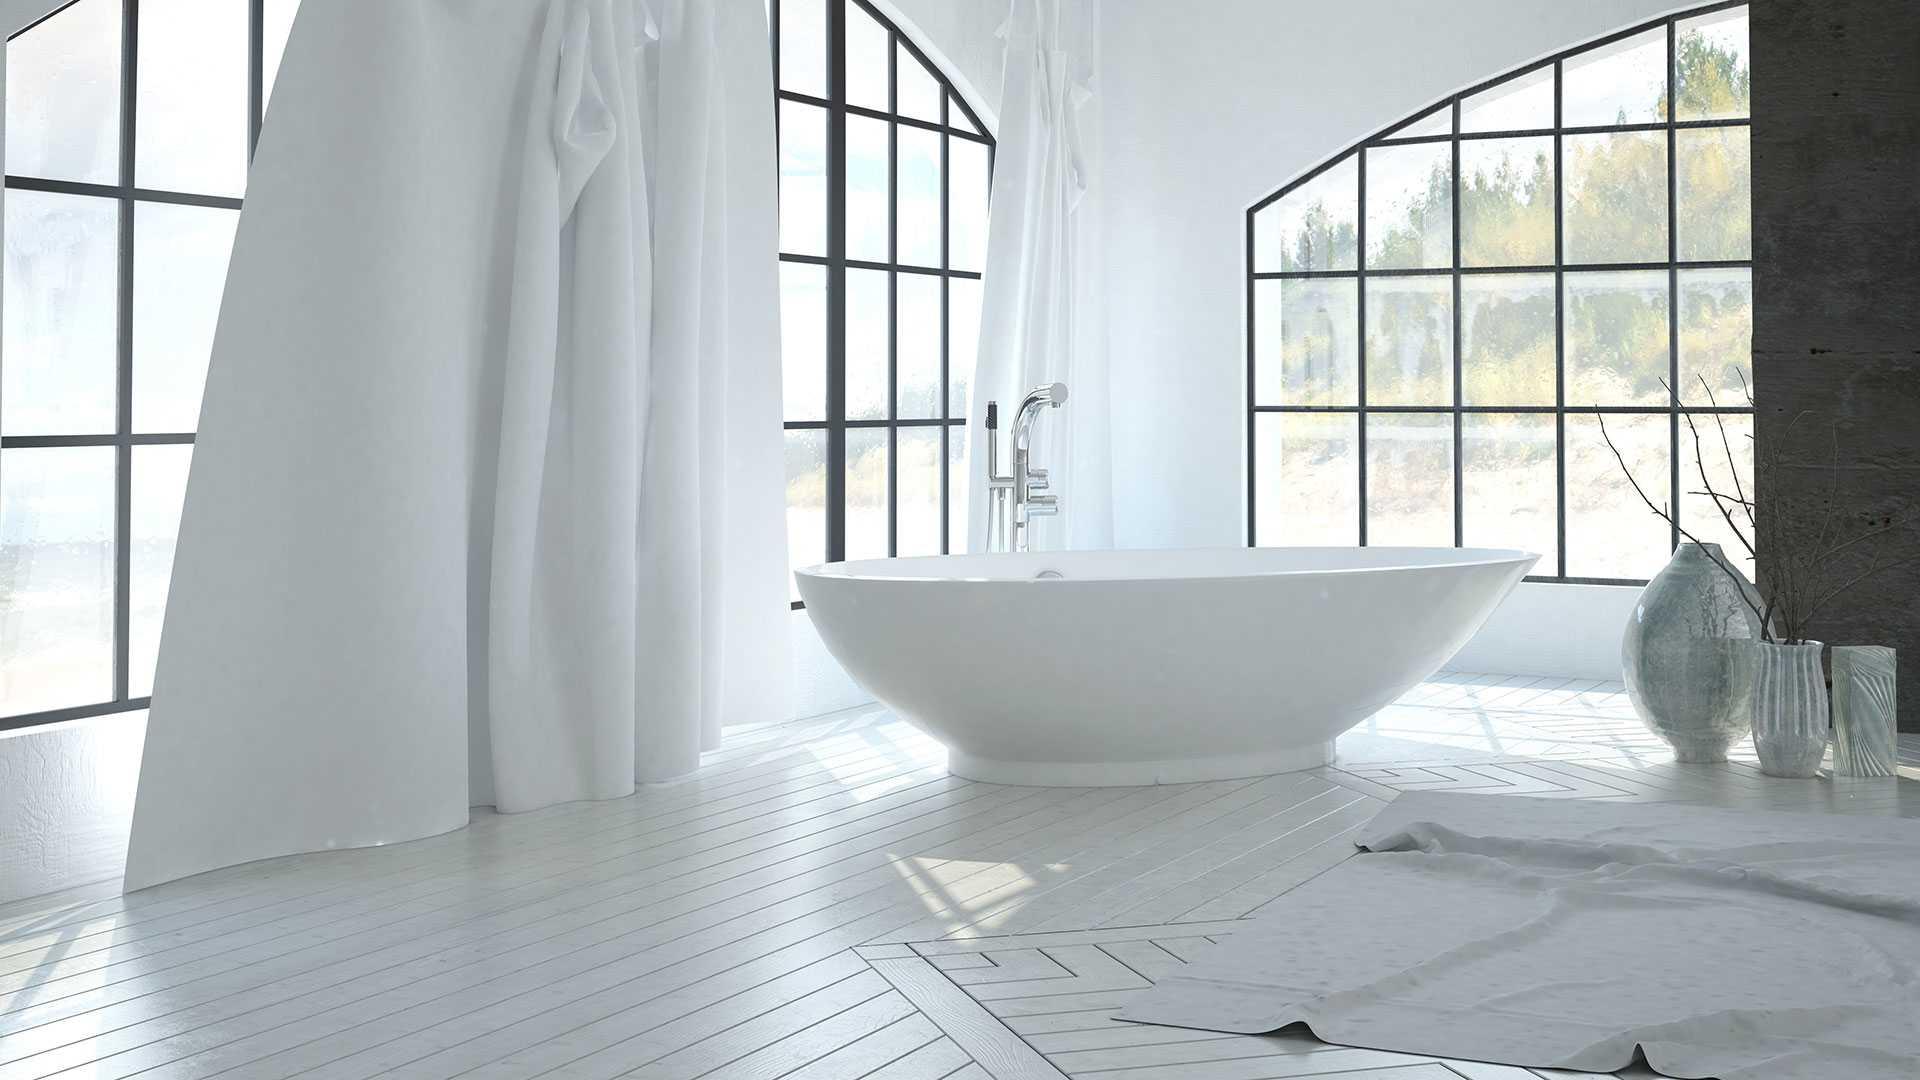 Fenster im Badezimmer   Welche Fenster eignen sich im Bad?